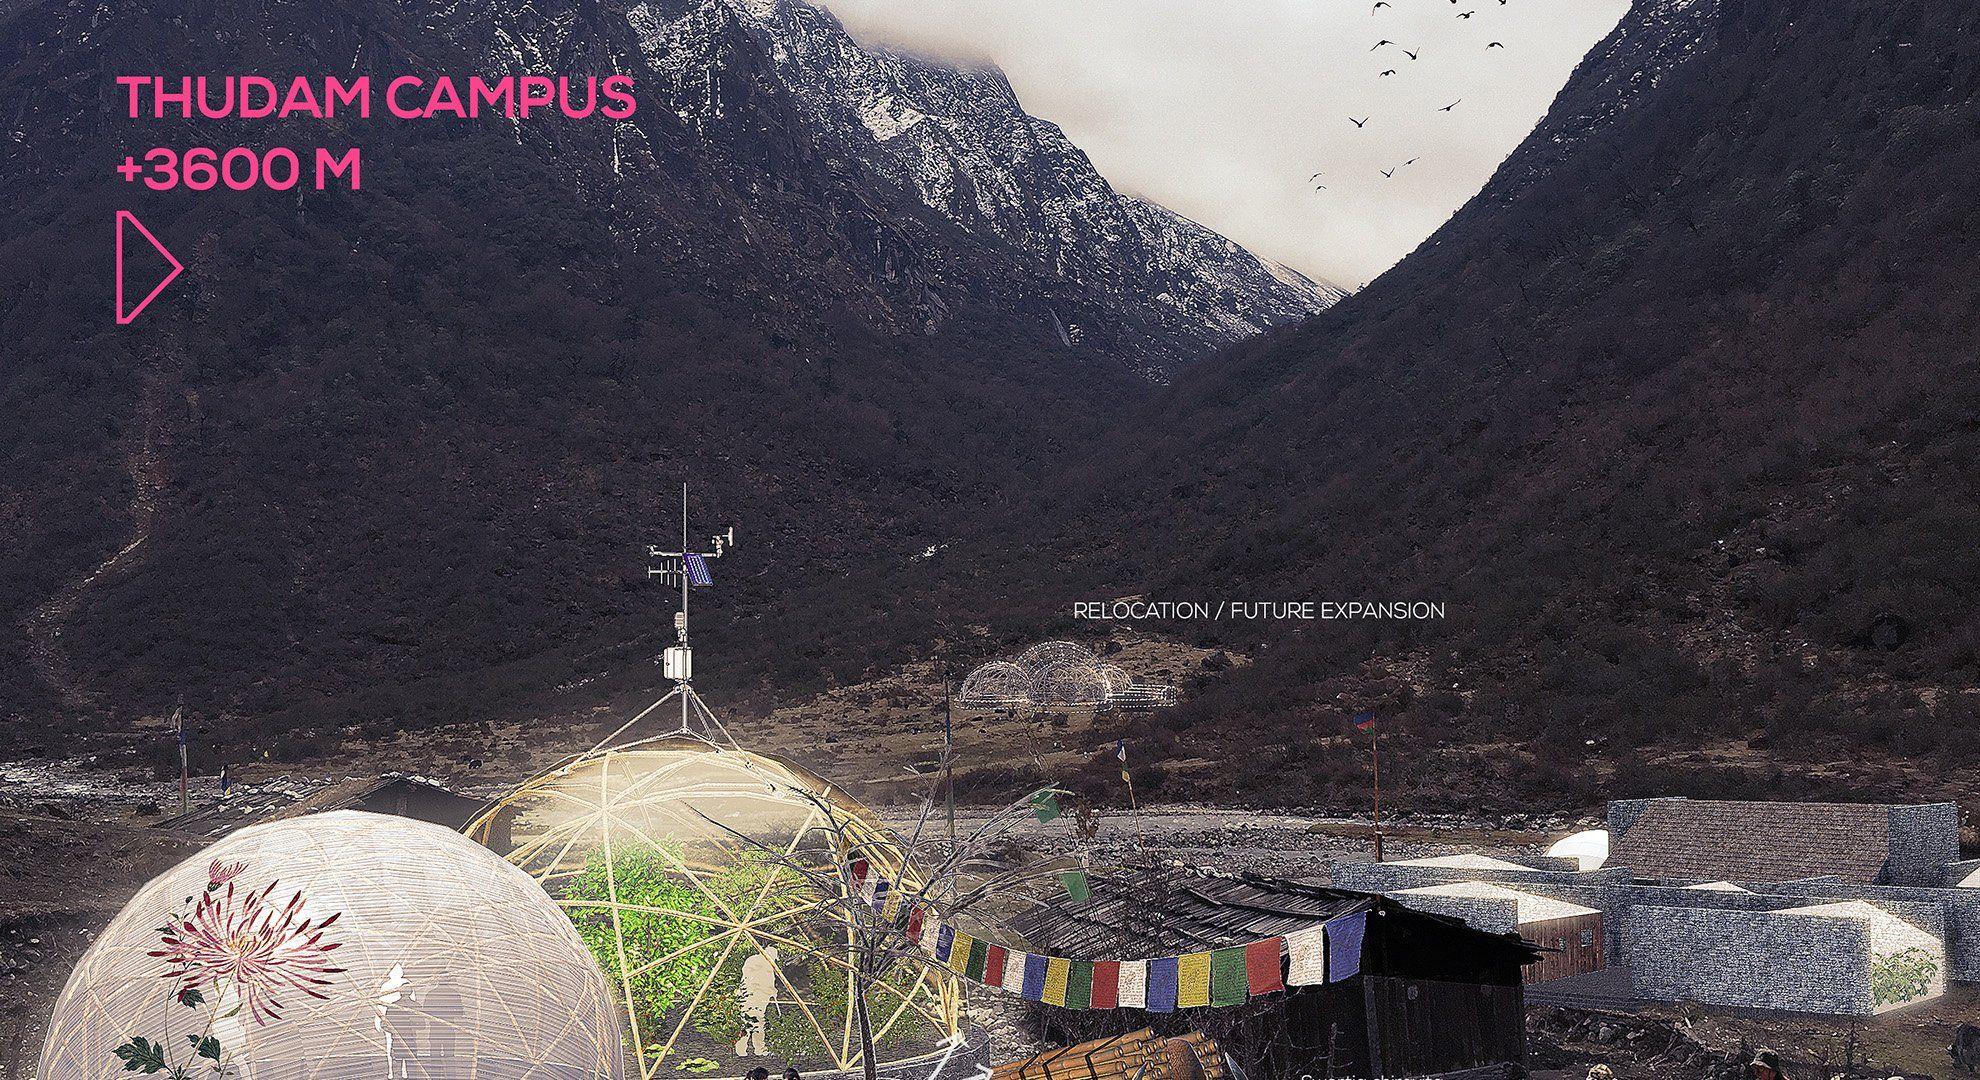 thudam-campus